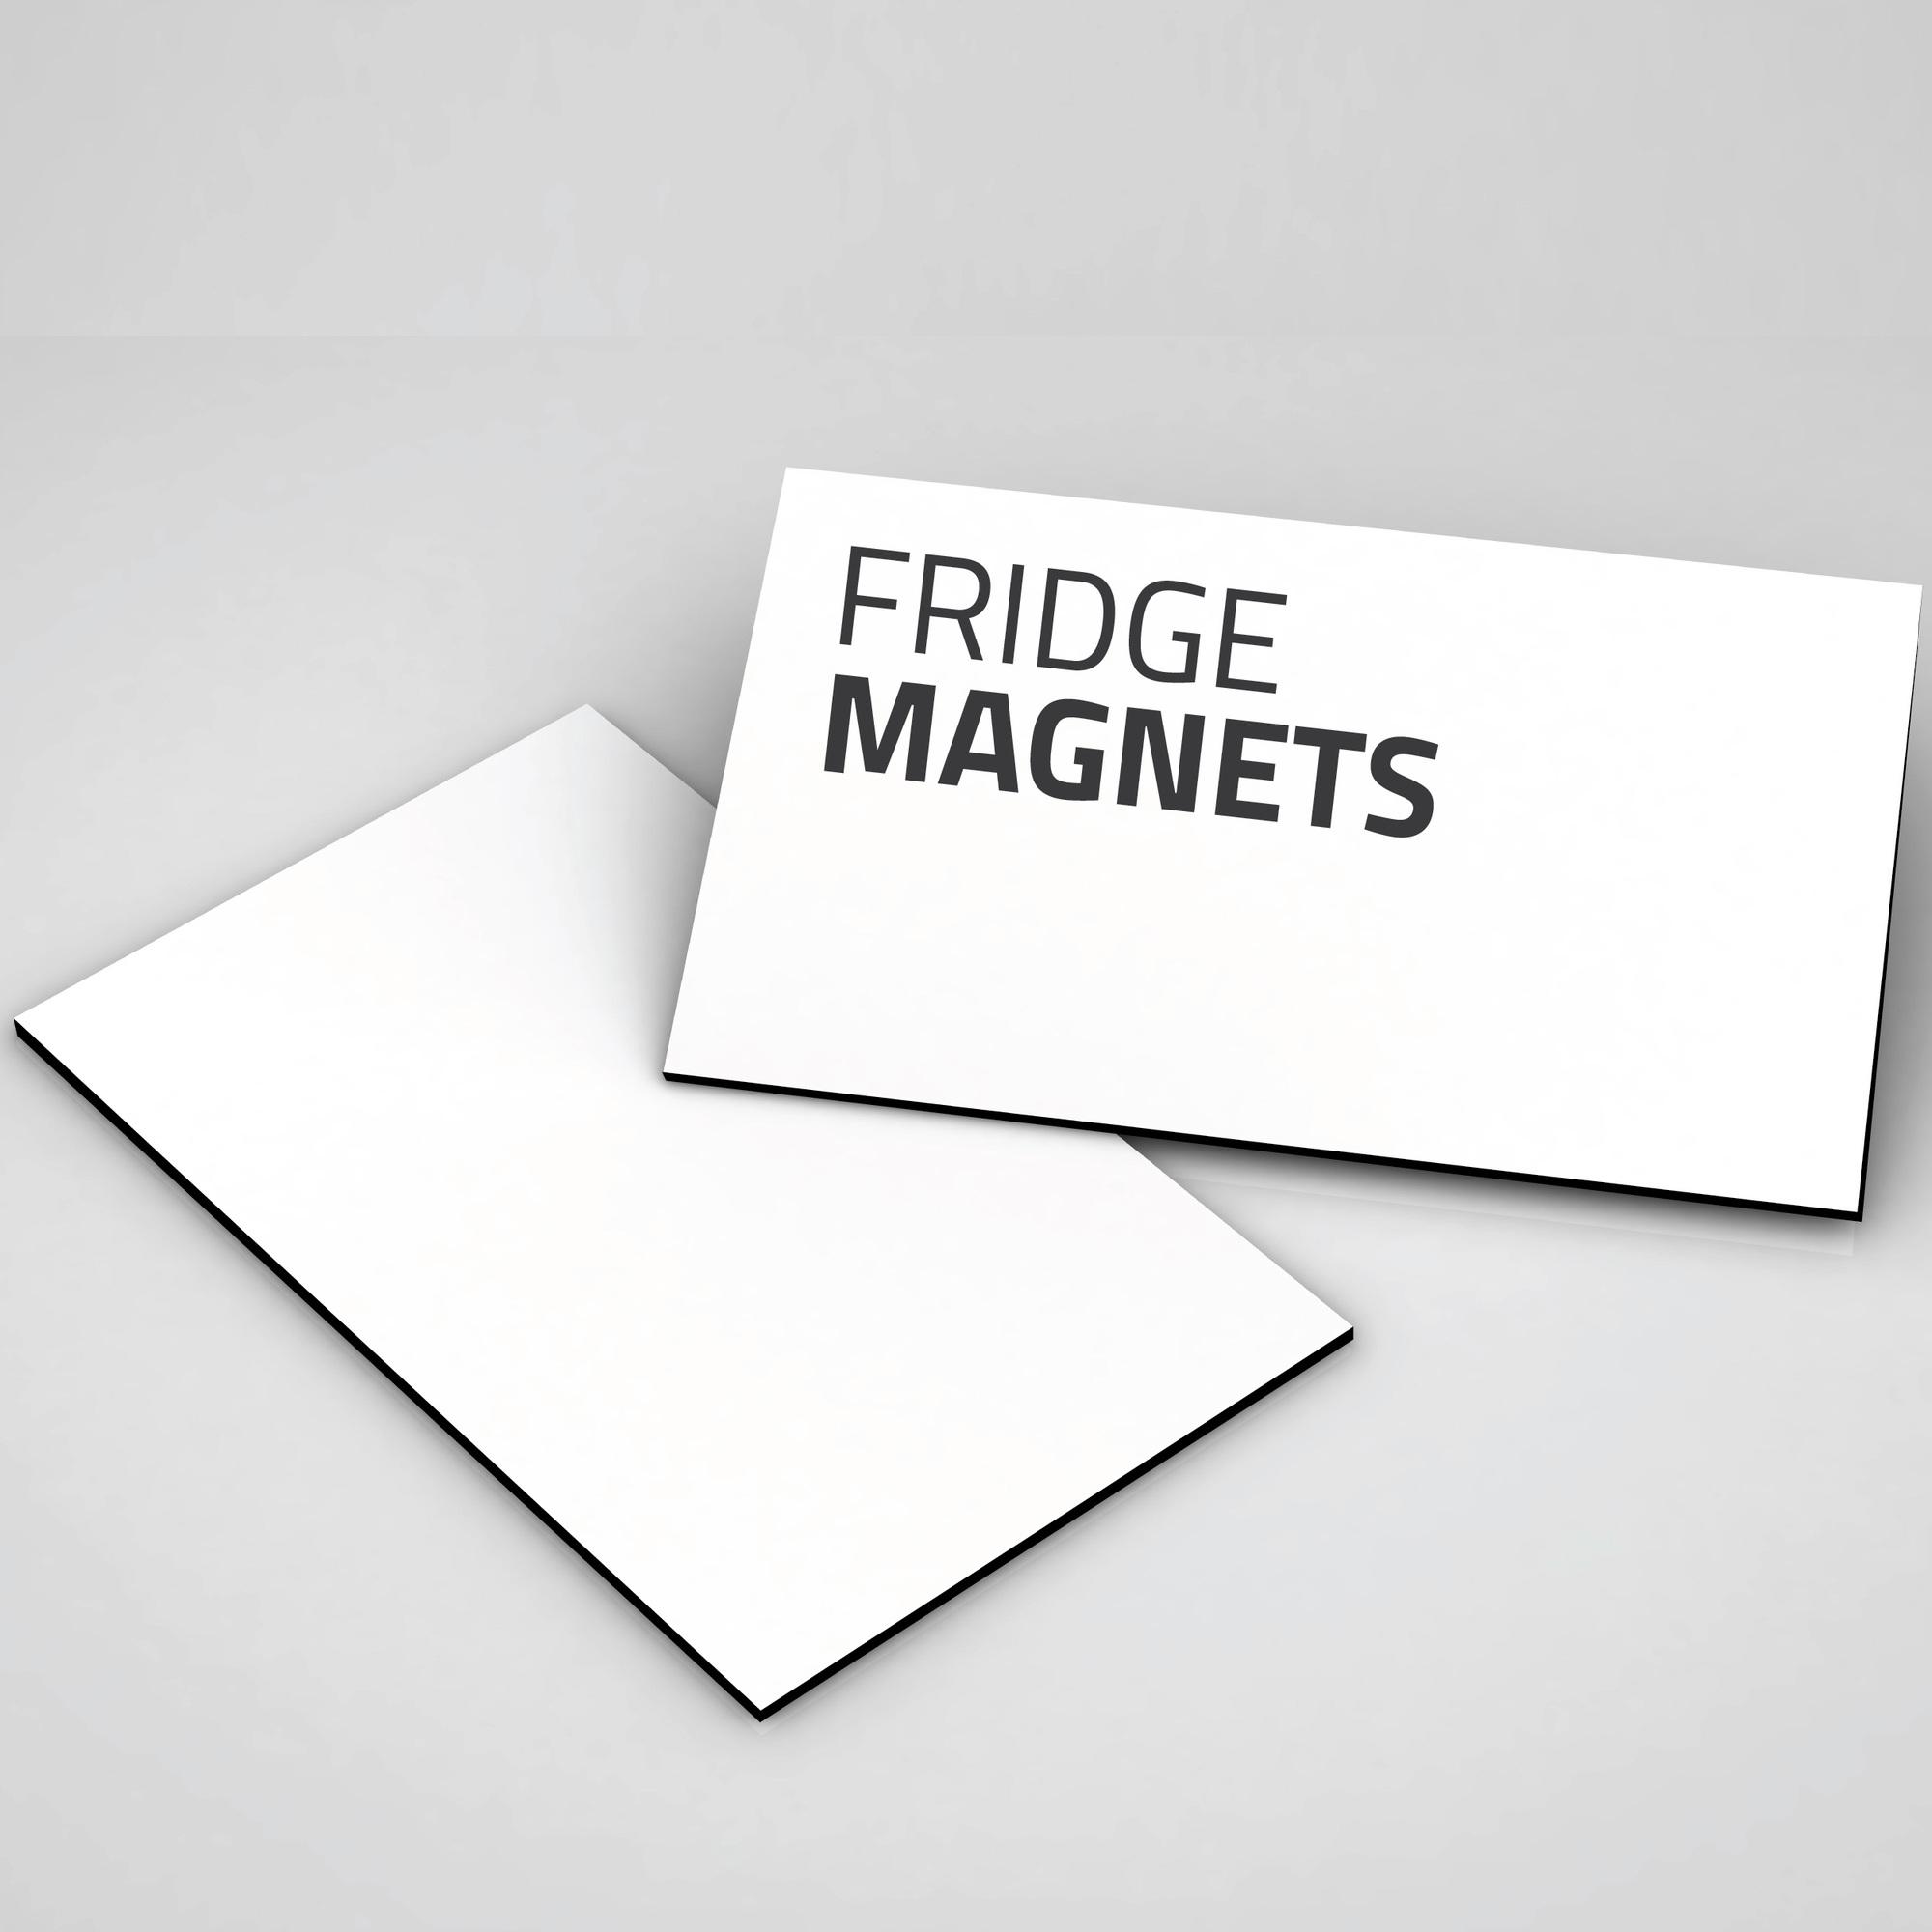 http://shop.copycatprint.com.au/images/products_gallery_images/COPYCAT_WEB_MAGNETS_GALLERY_IMAGES_MAR18-0139.jpg